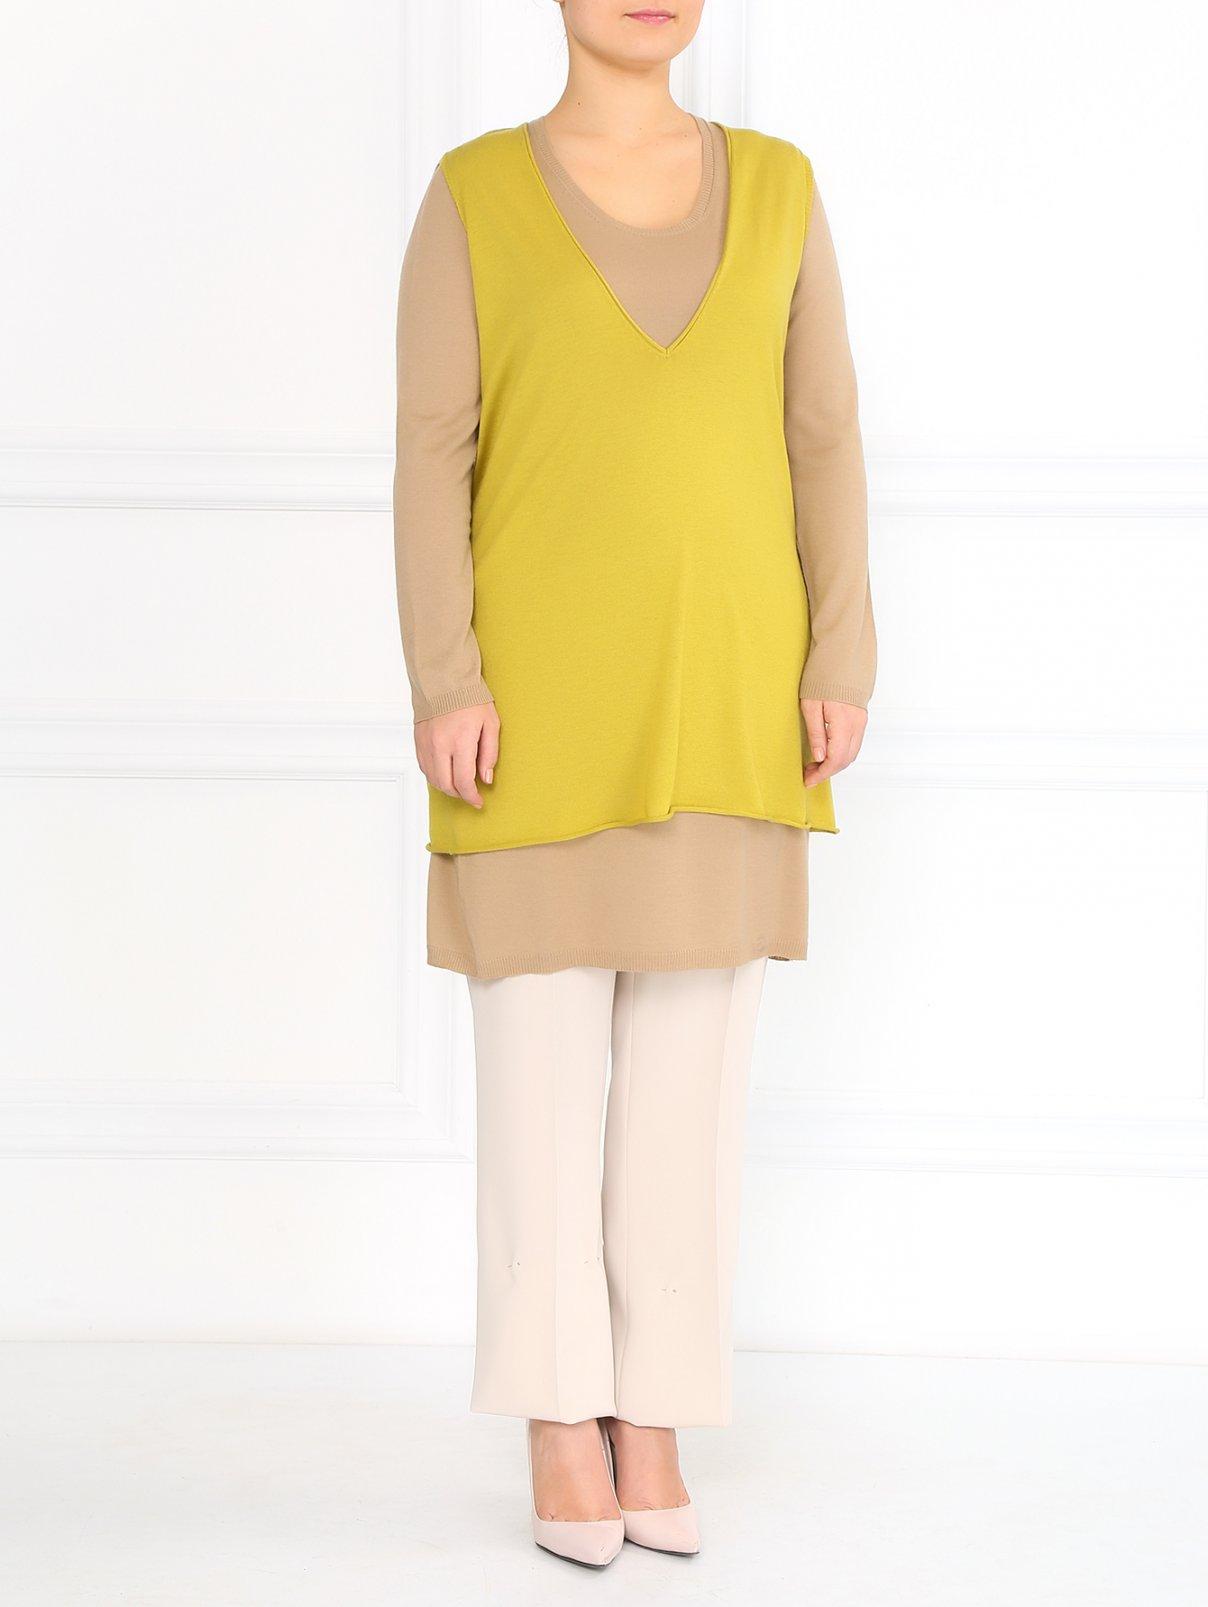 Прямые брюки на резинке с боковыми карманами Marina Rinaldi  –  Модель Общий вид